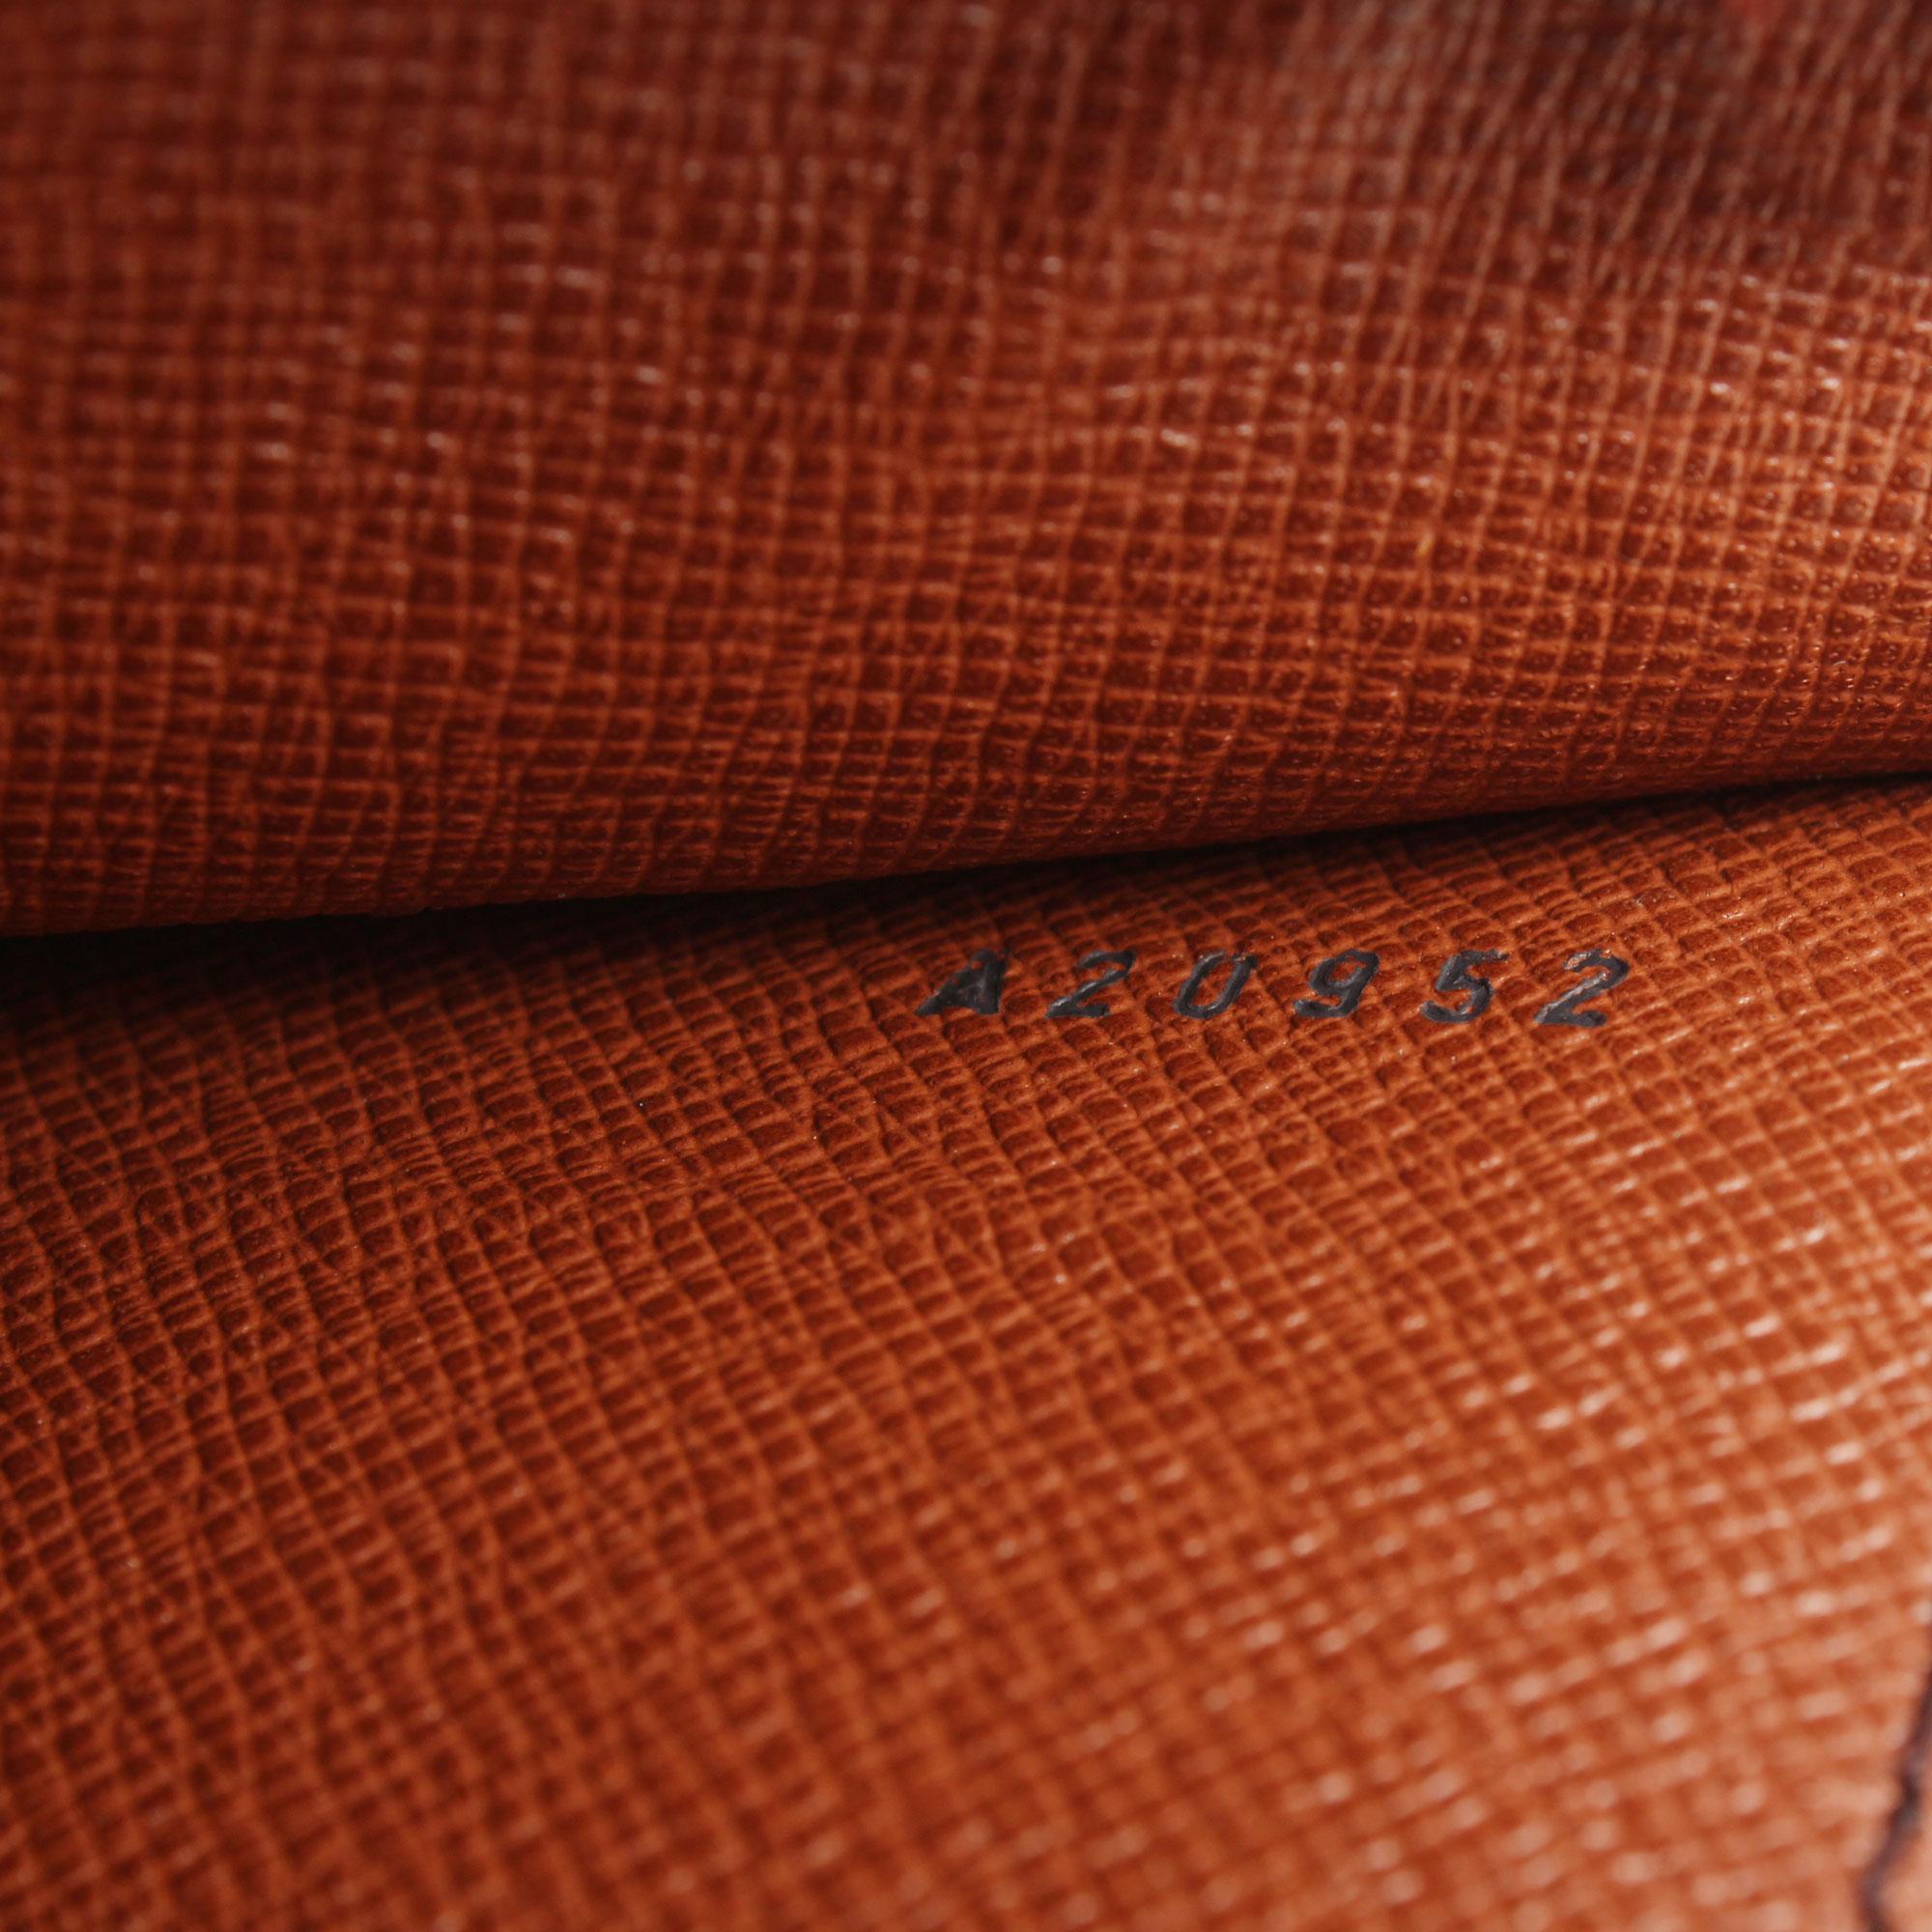 Imagen del serial number del bolso bandolera louis vuitton monceau 28 monogram